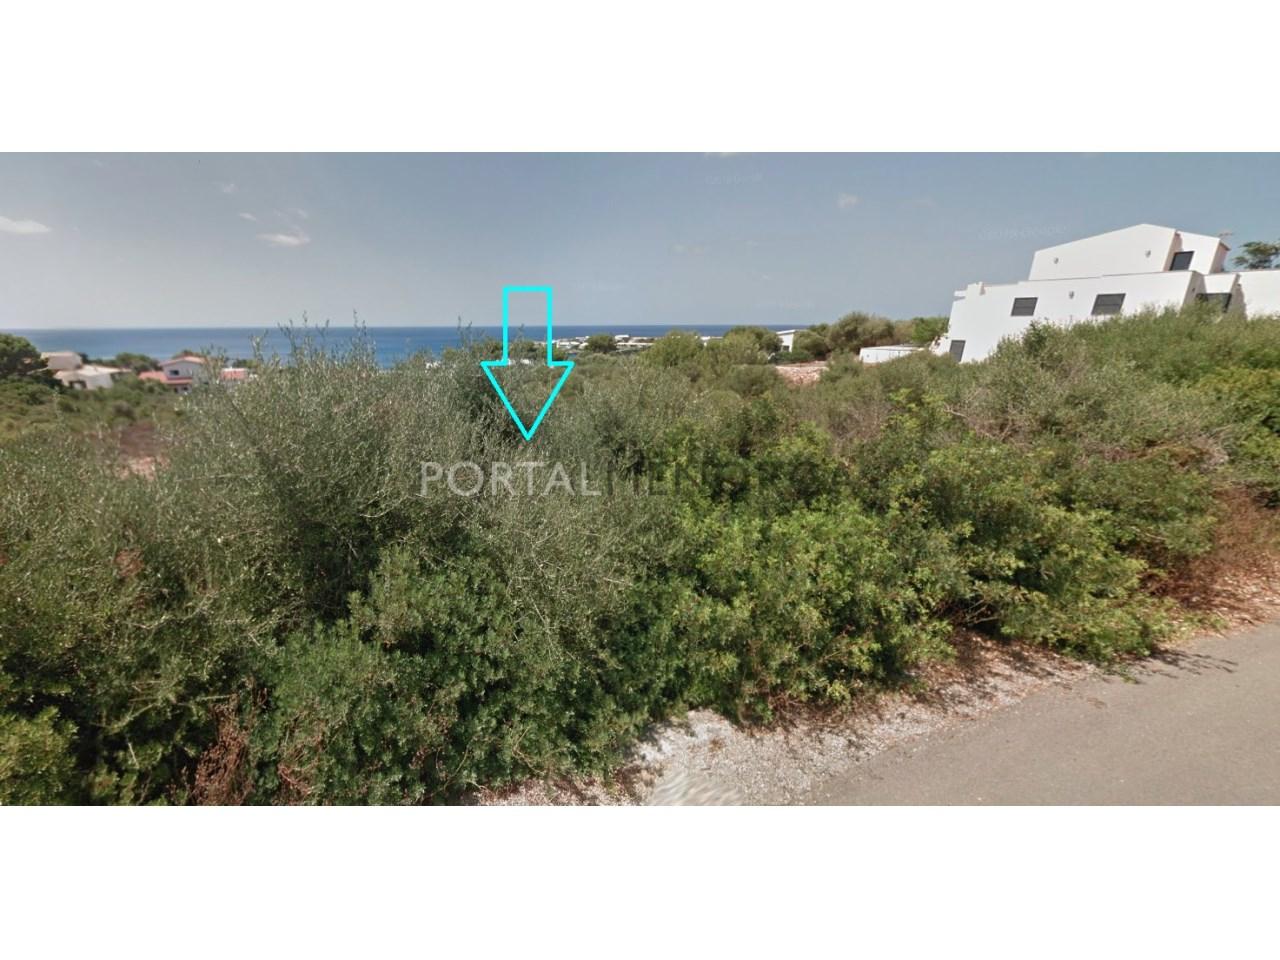 Parcela con vistas al mar en venta en Menorca